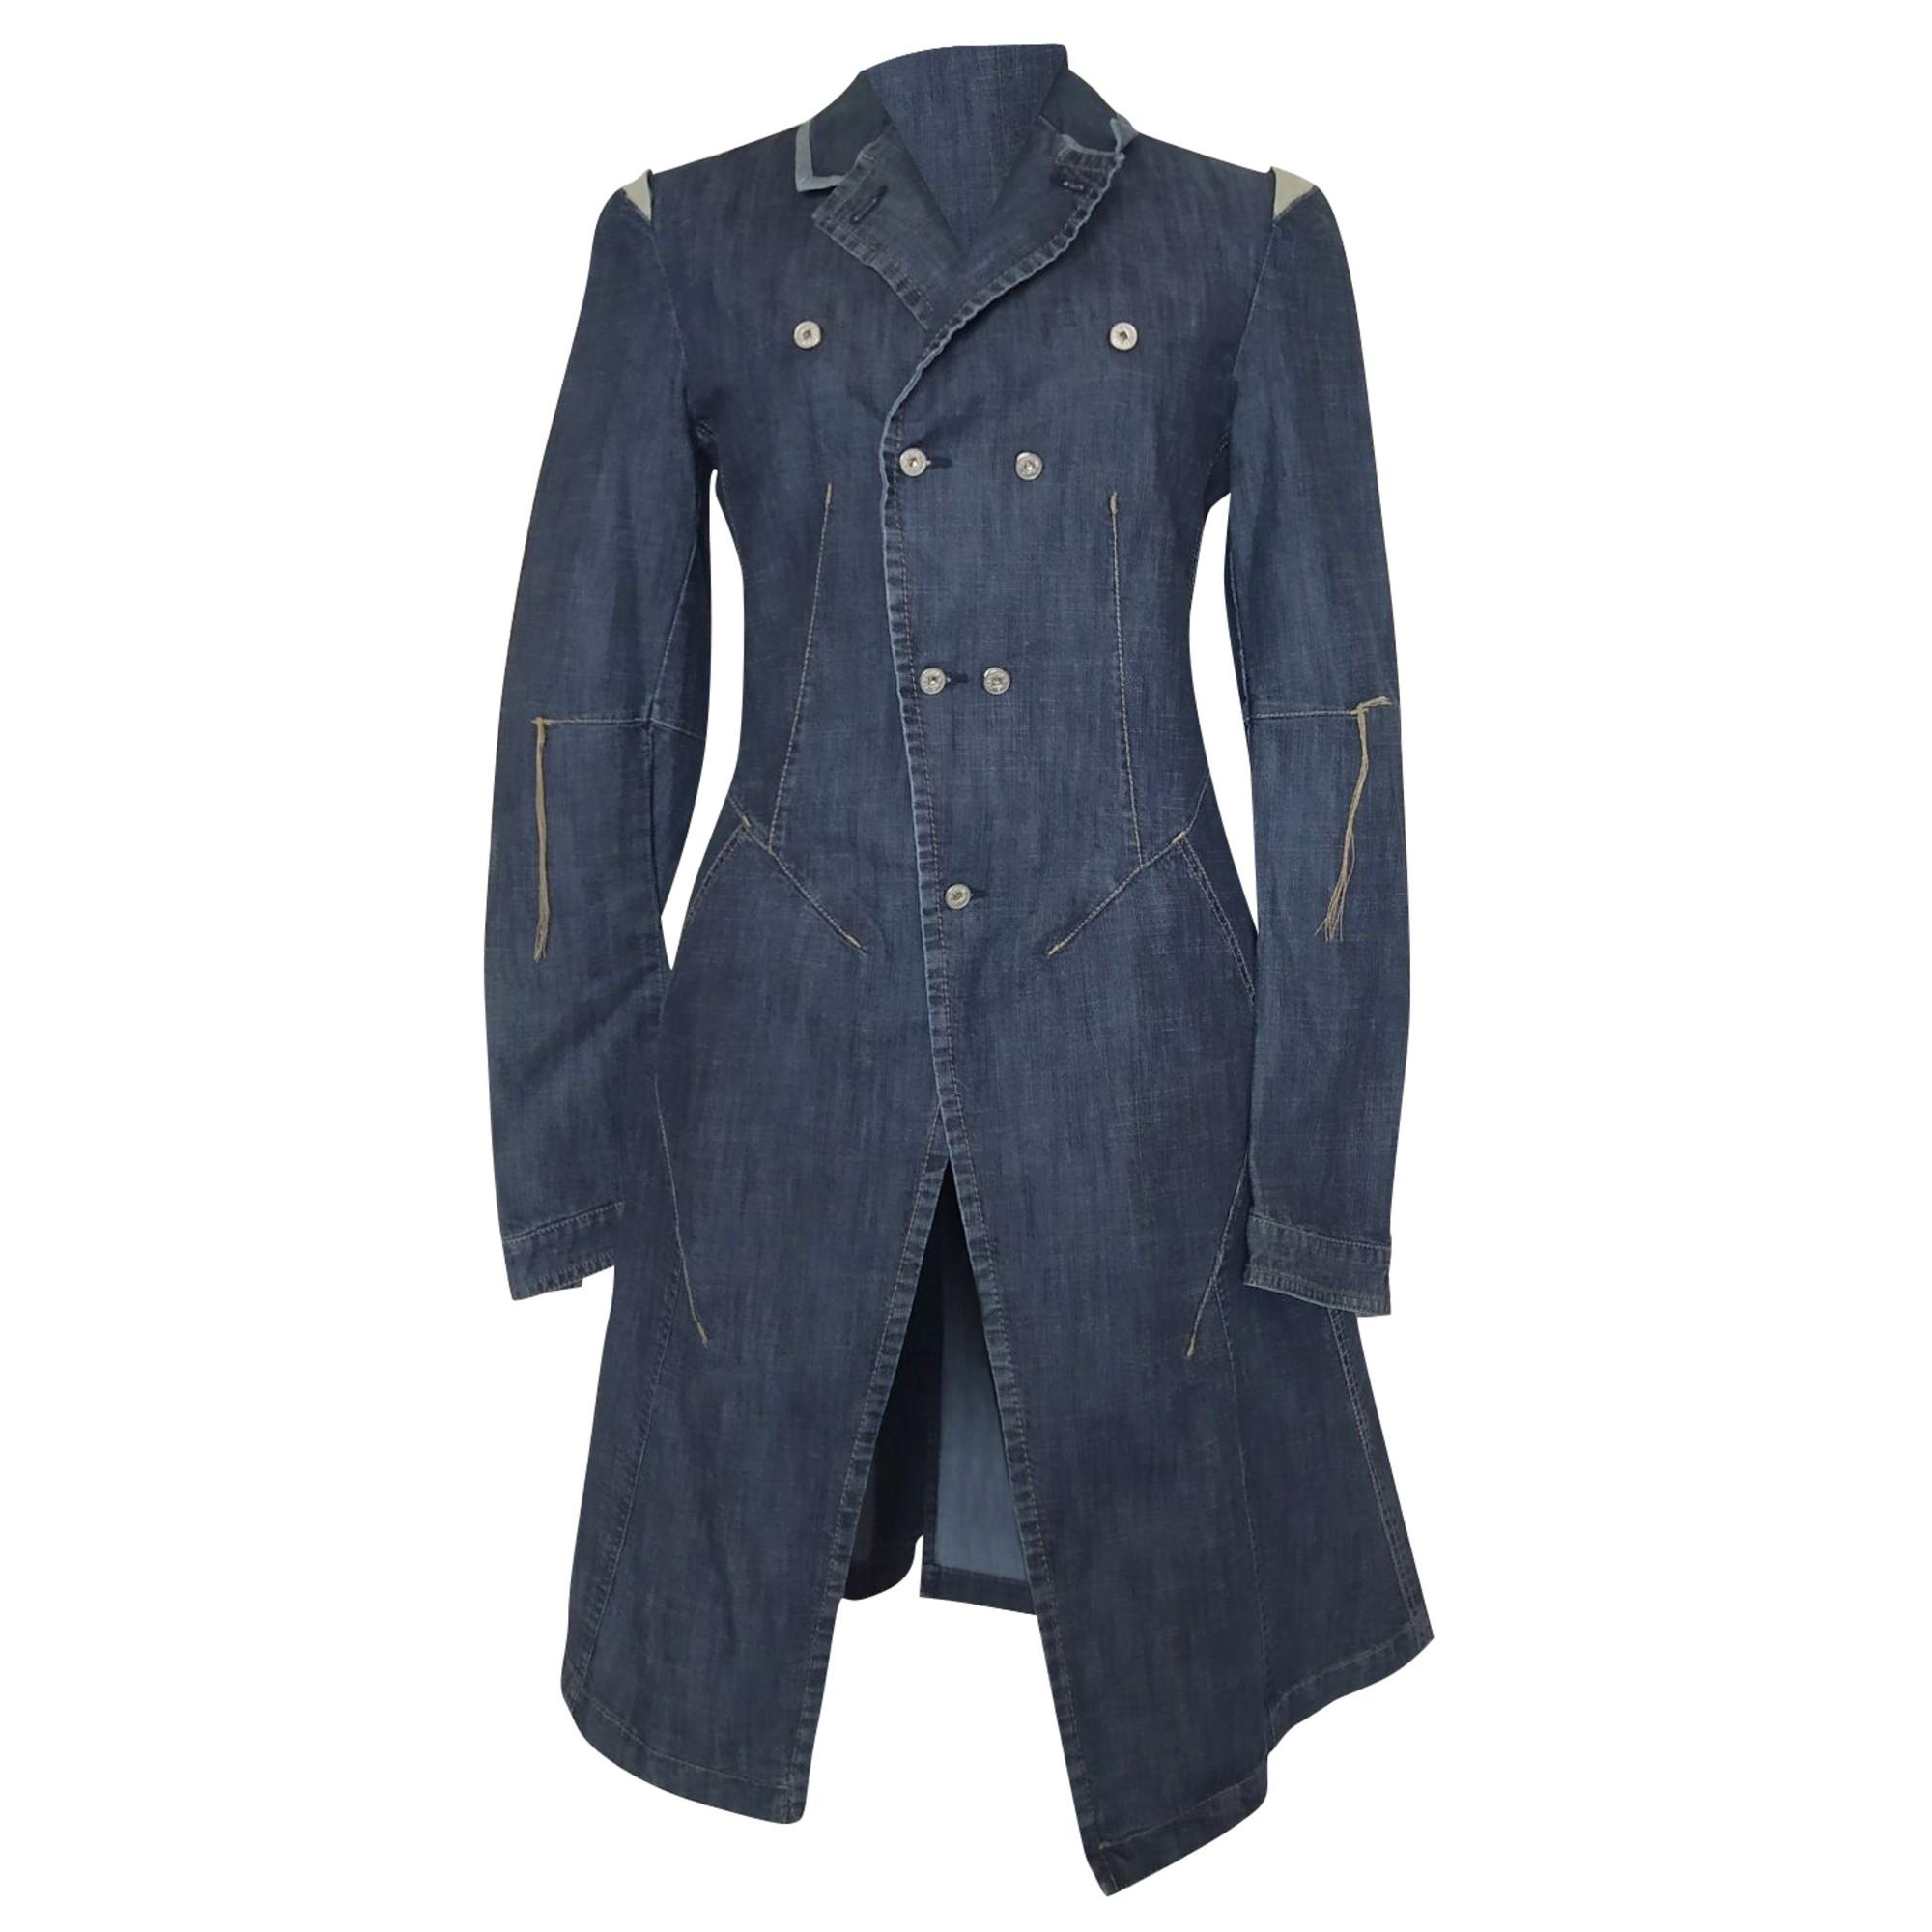 Manteau en jean MARITHÉ ET FRANÇOIS GIRBAUD Bleu, bleu marine, bleu turquoise